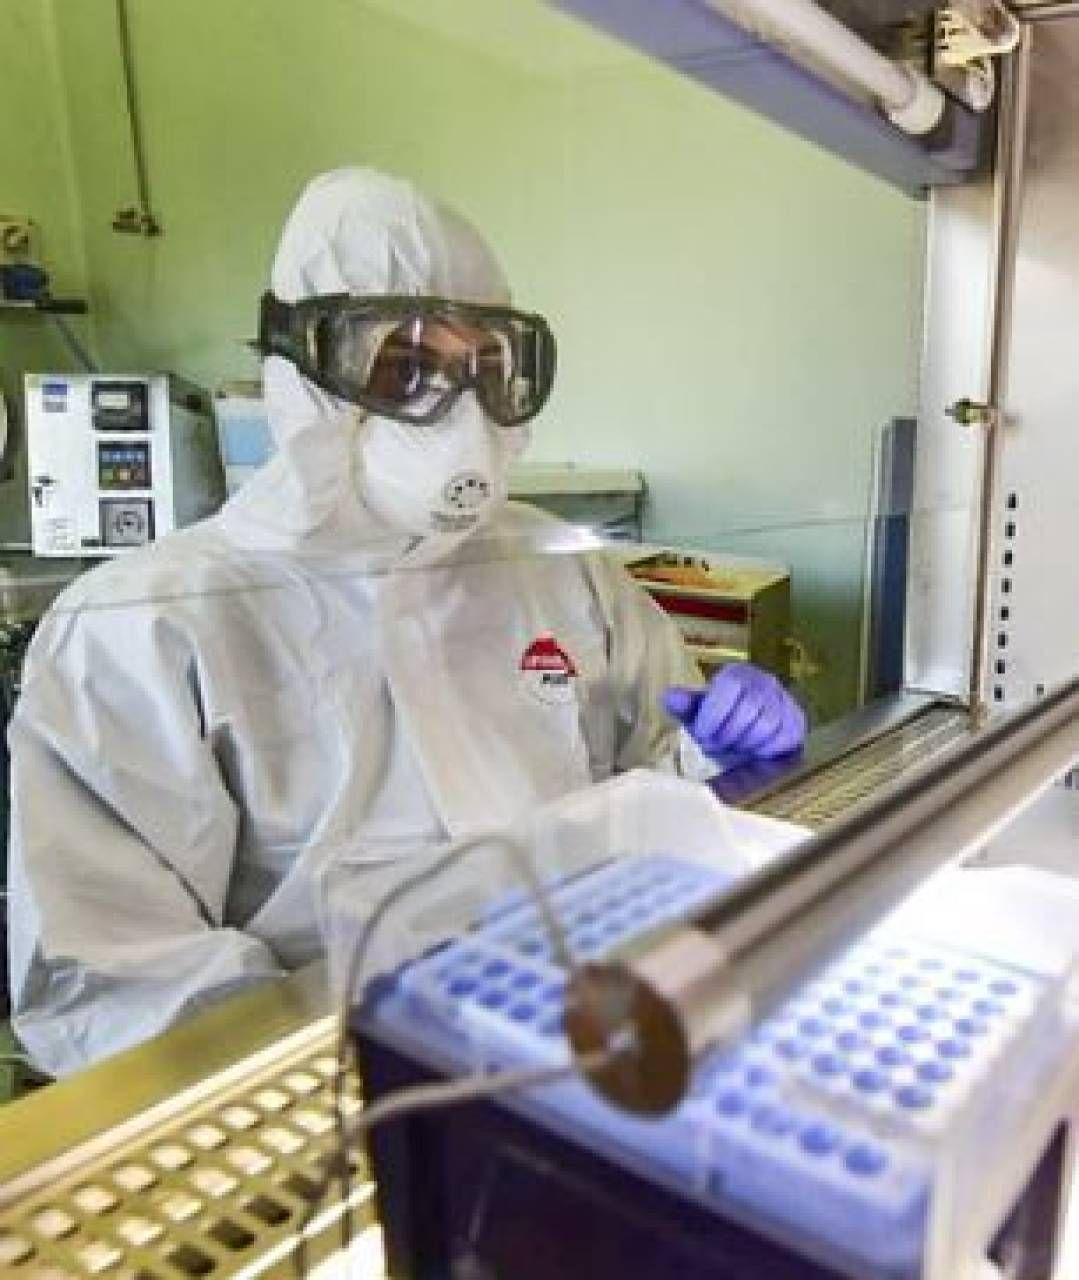 Il Laboratorio Bls 3 (livello 3 di biosicurezza) del Dipartimento del Policlinico militare del Celio